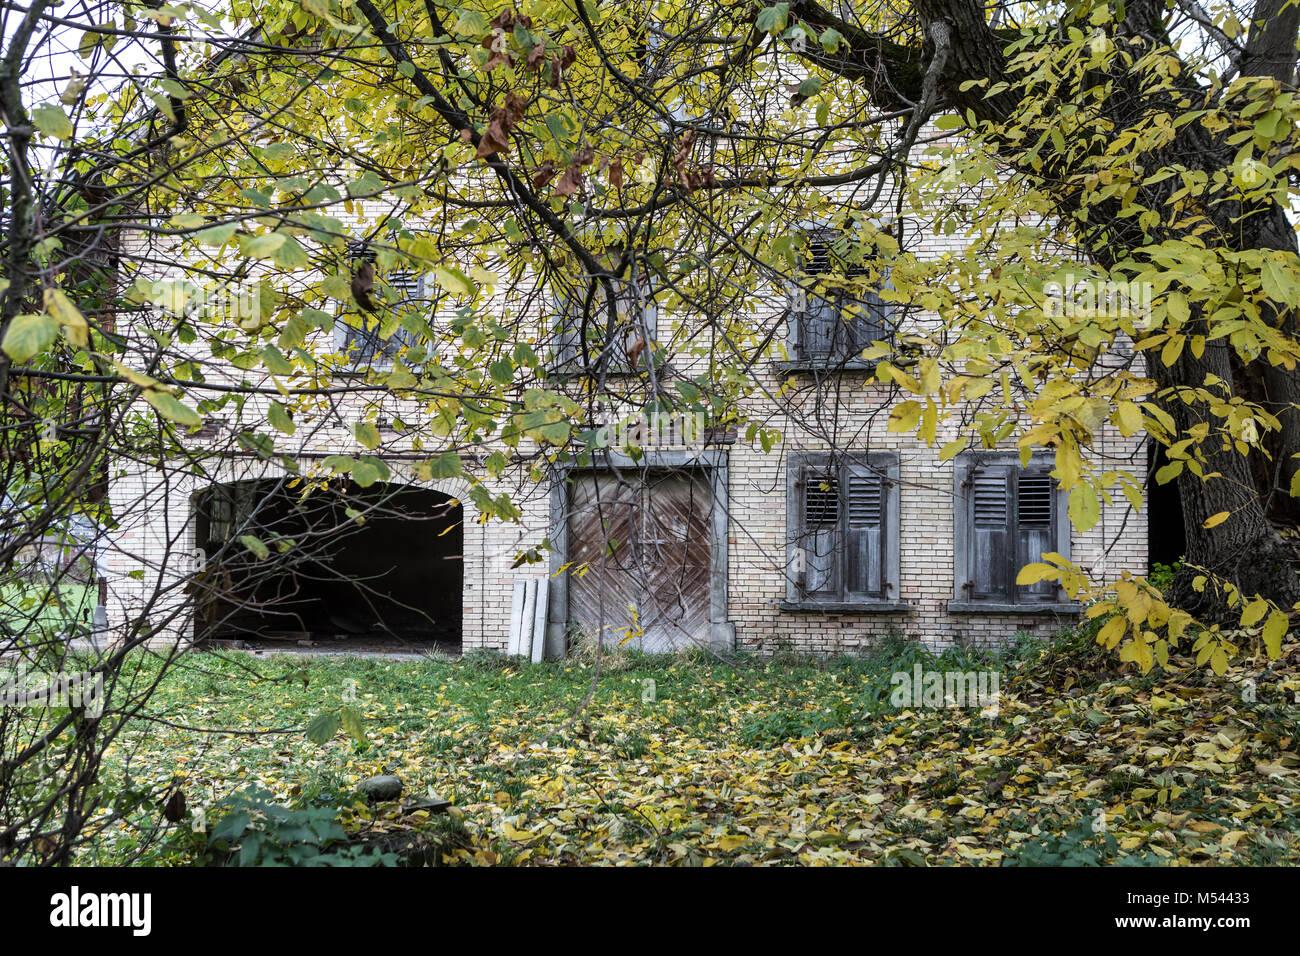 Verlassenen Hof - verlorene Ort Stockbild